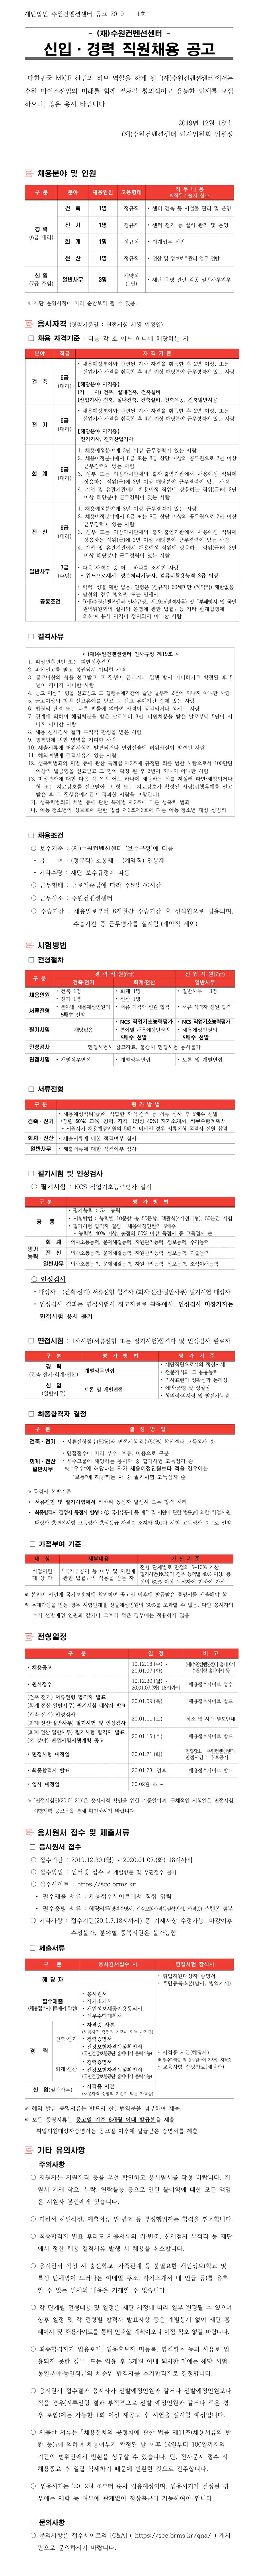 공고문(기술,일반사무)_up2.png